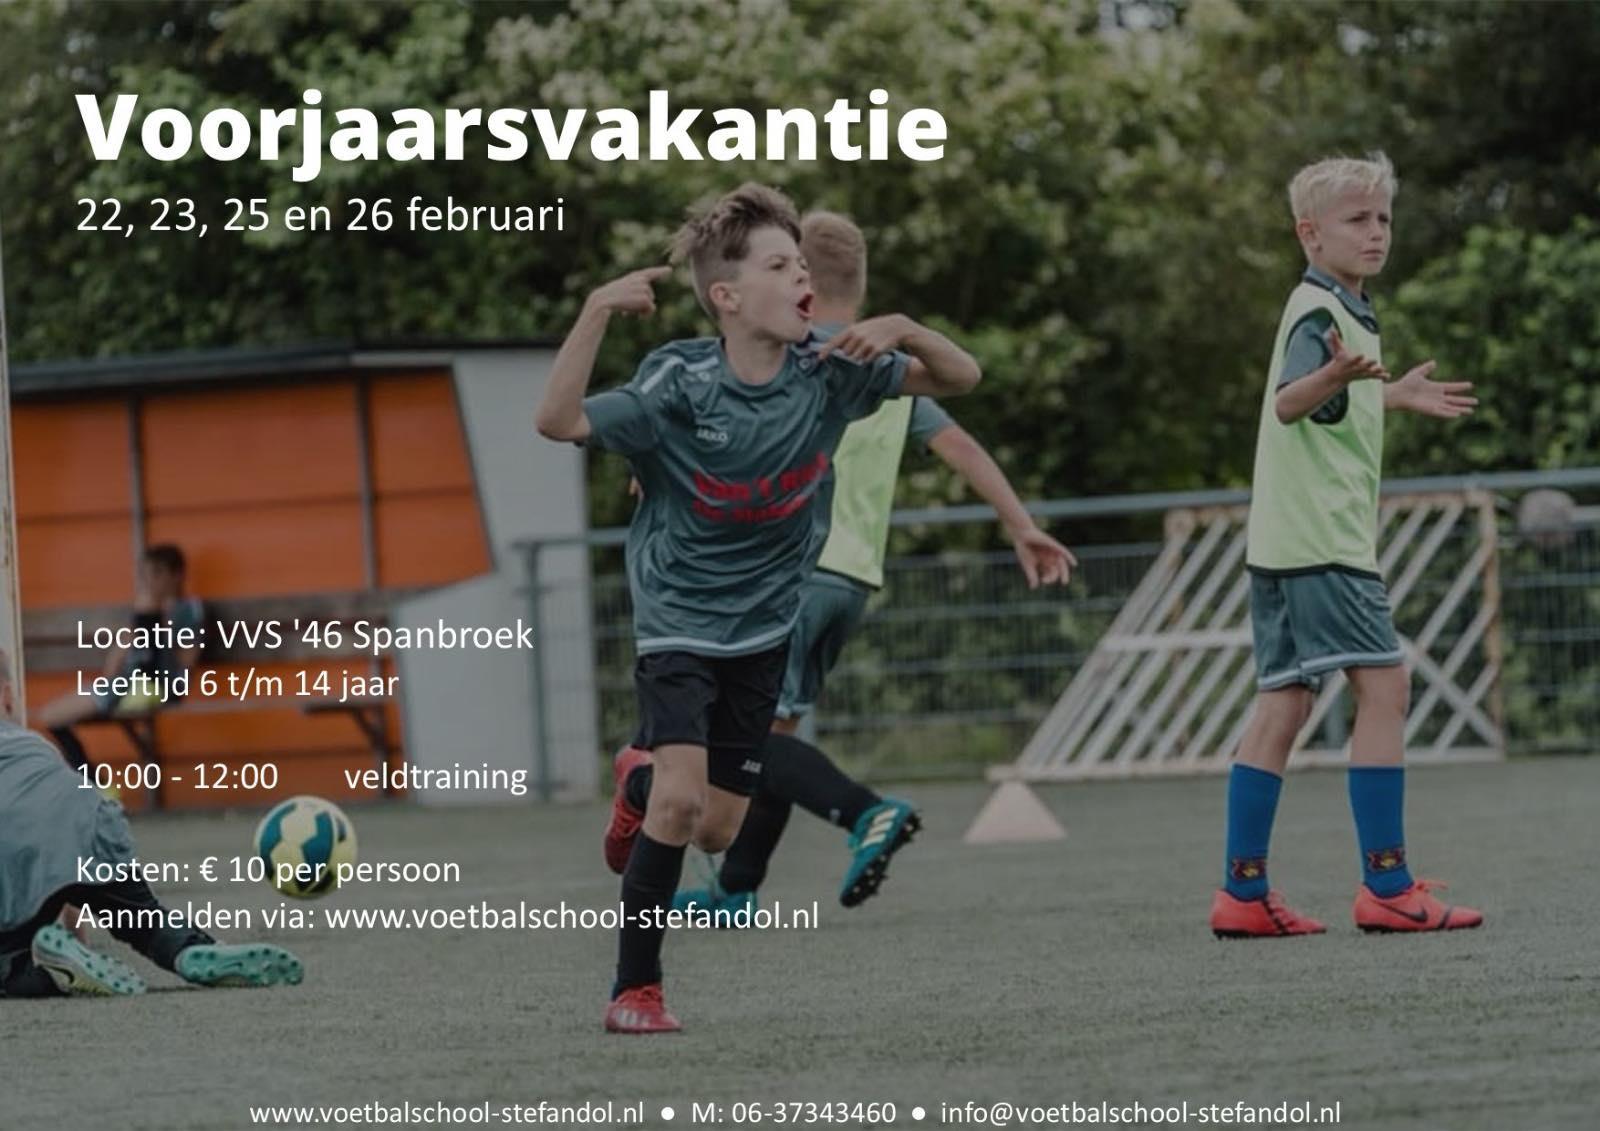 Voorjaarsvakantie 1-5 daagse voetbaldagen